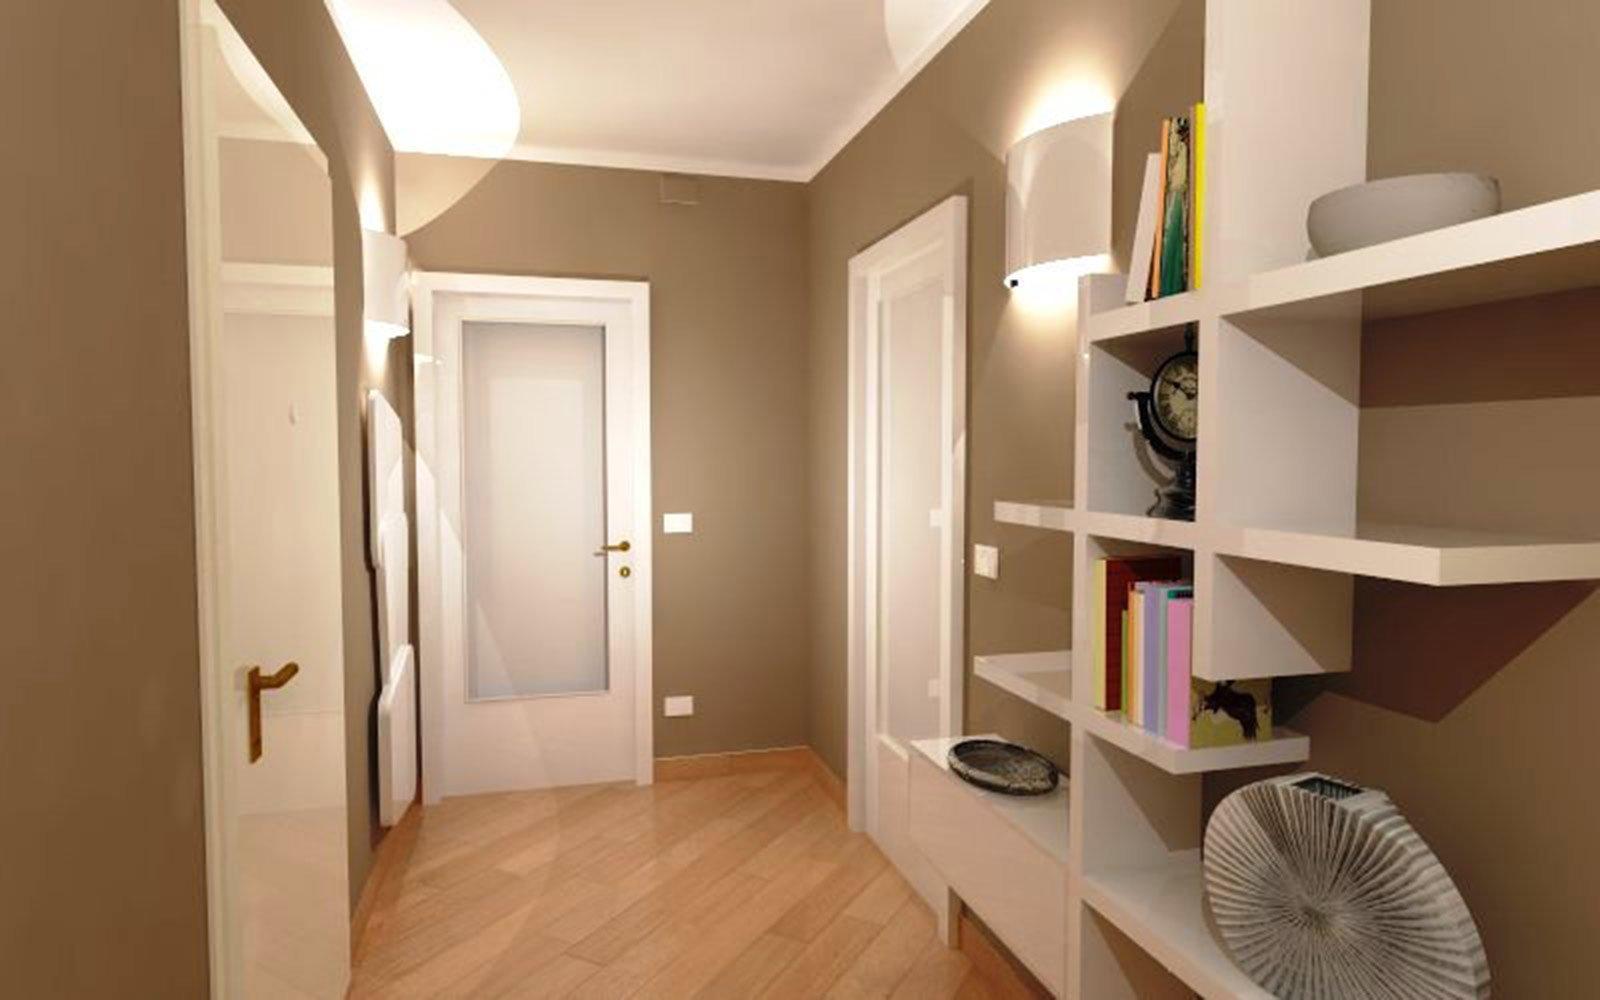 Corridoio quali finiture per pavimento e porte cose di for Parquet ikea colori